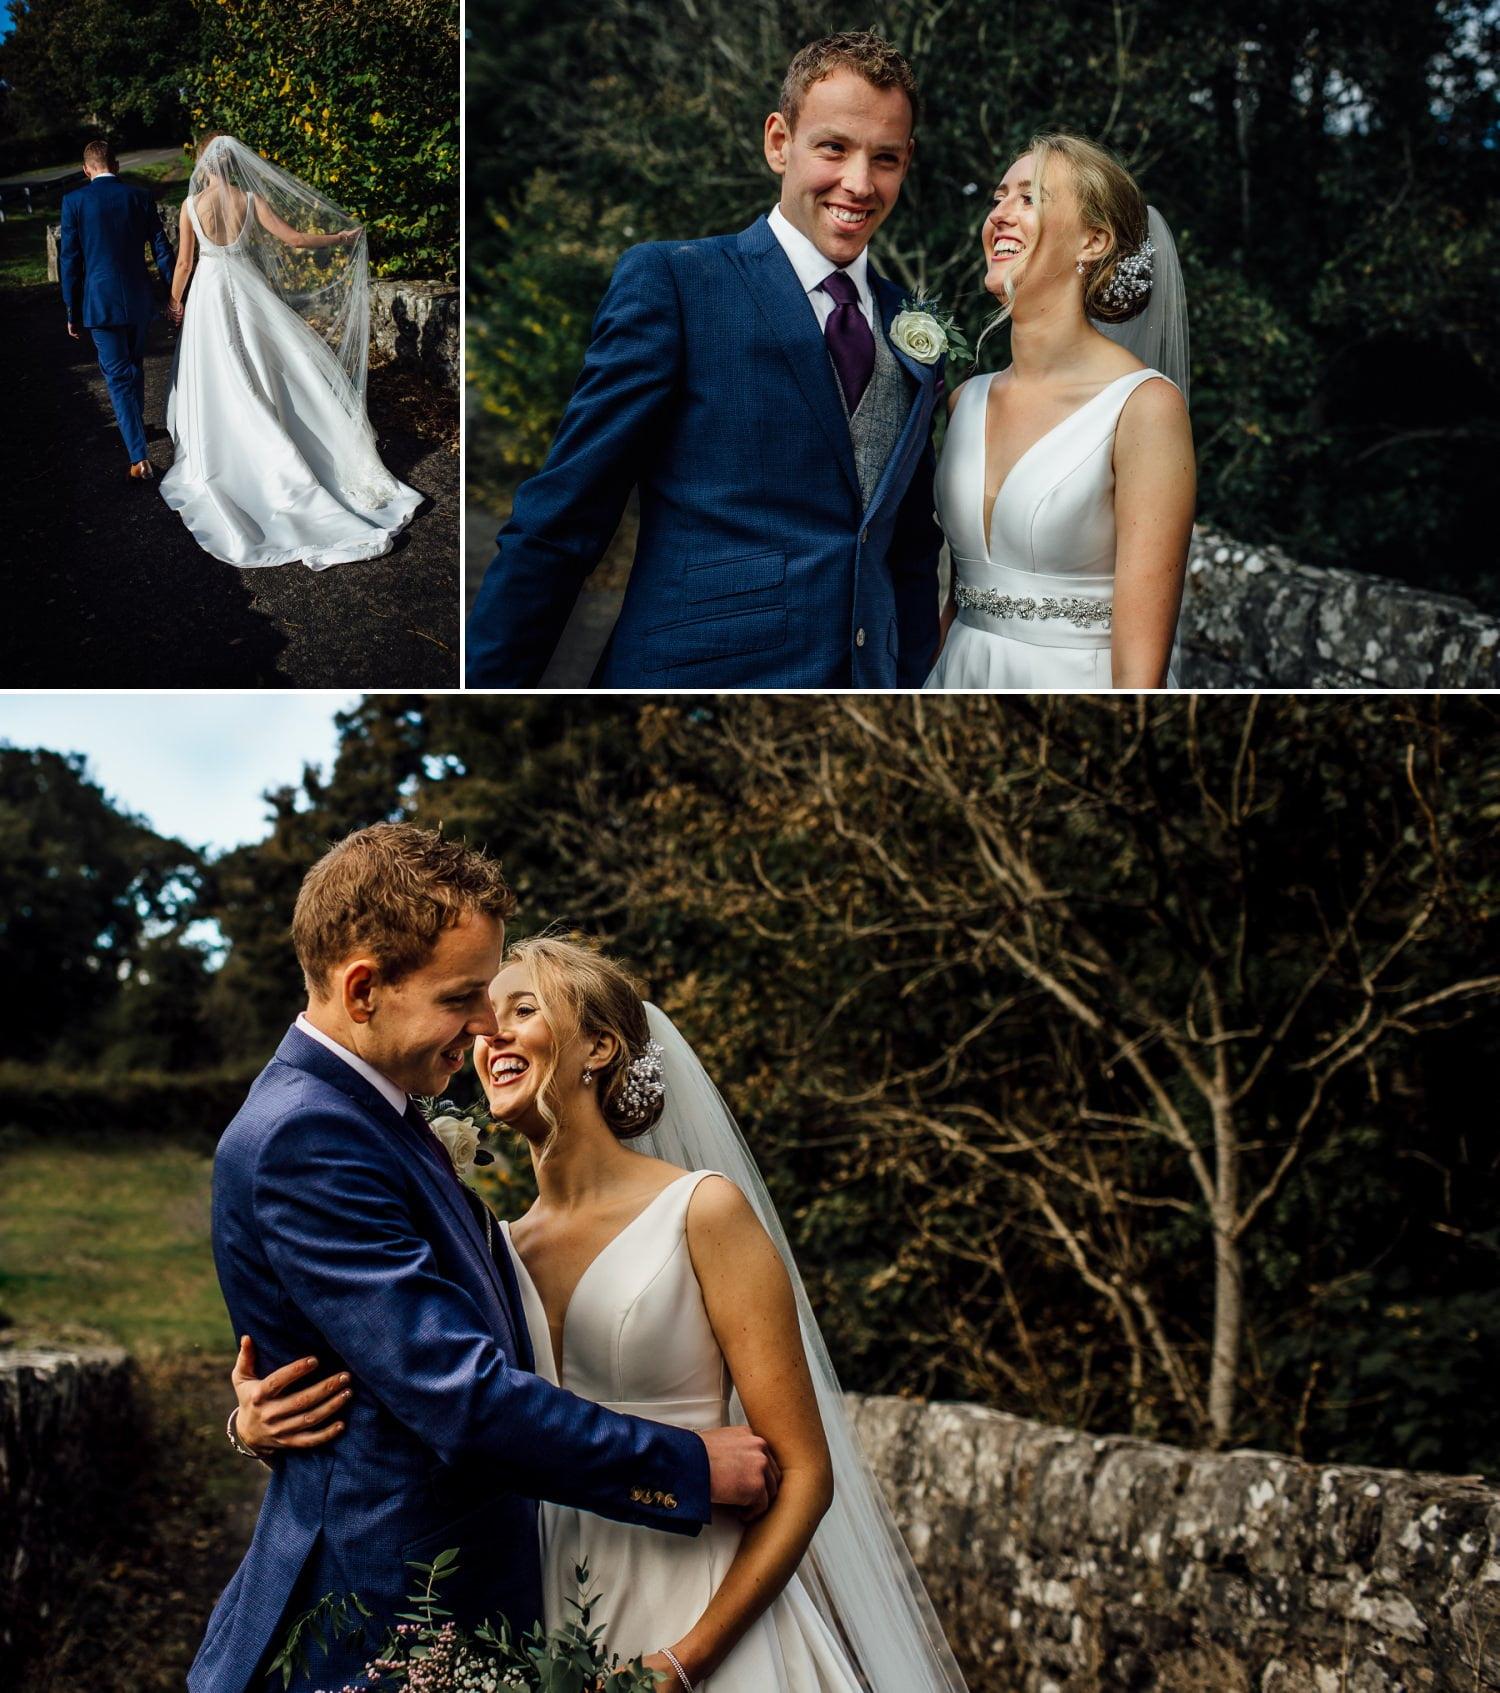 wedding photography portraits of couple